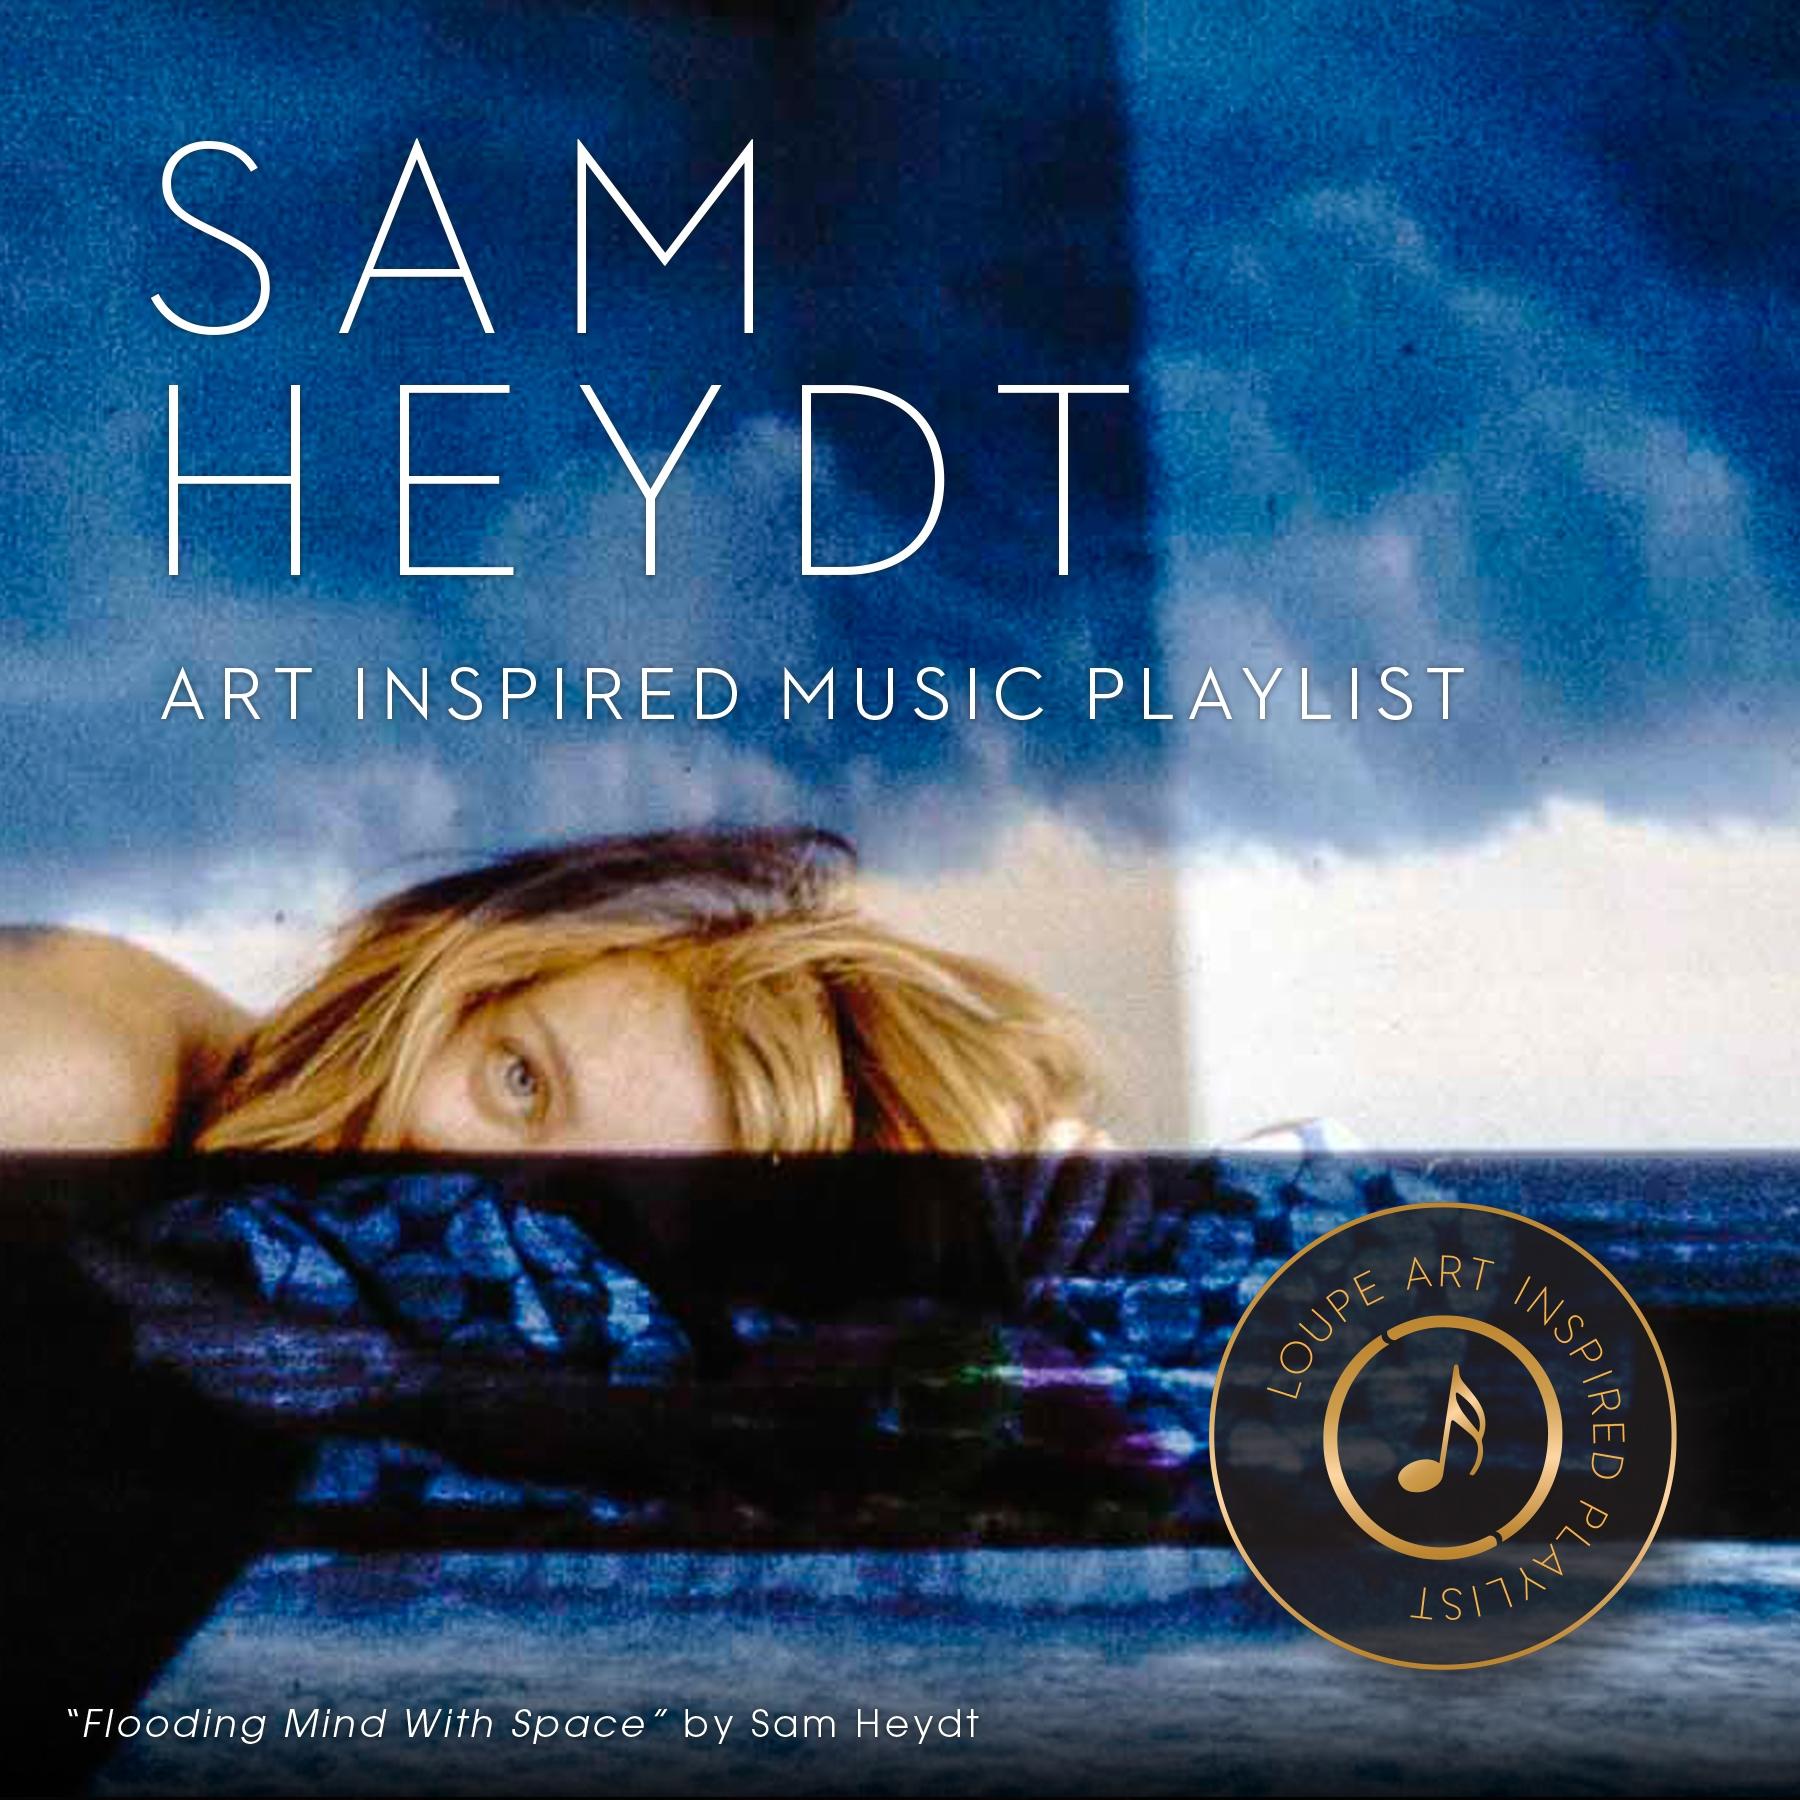 Sam_Heydt-Playlist